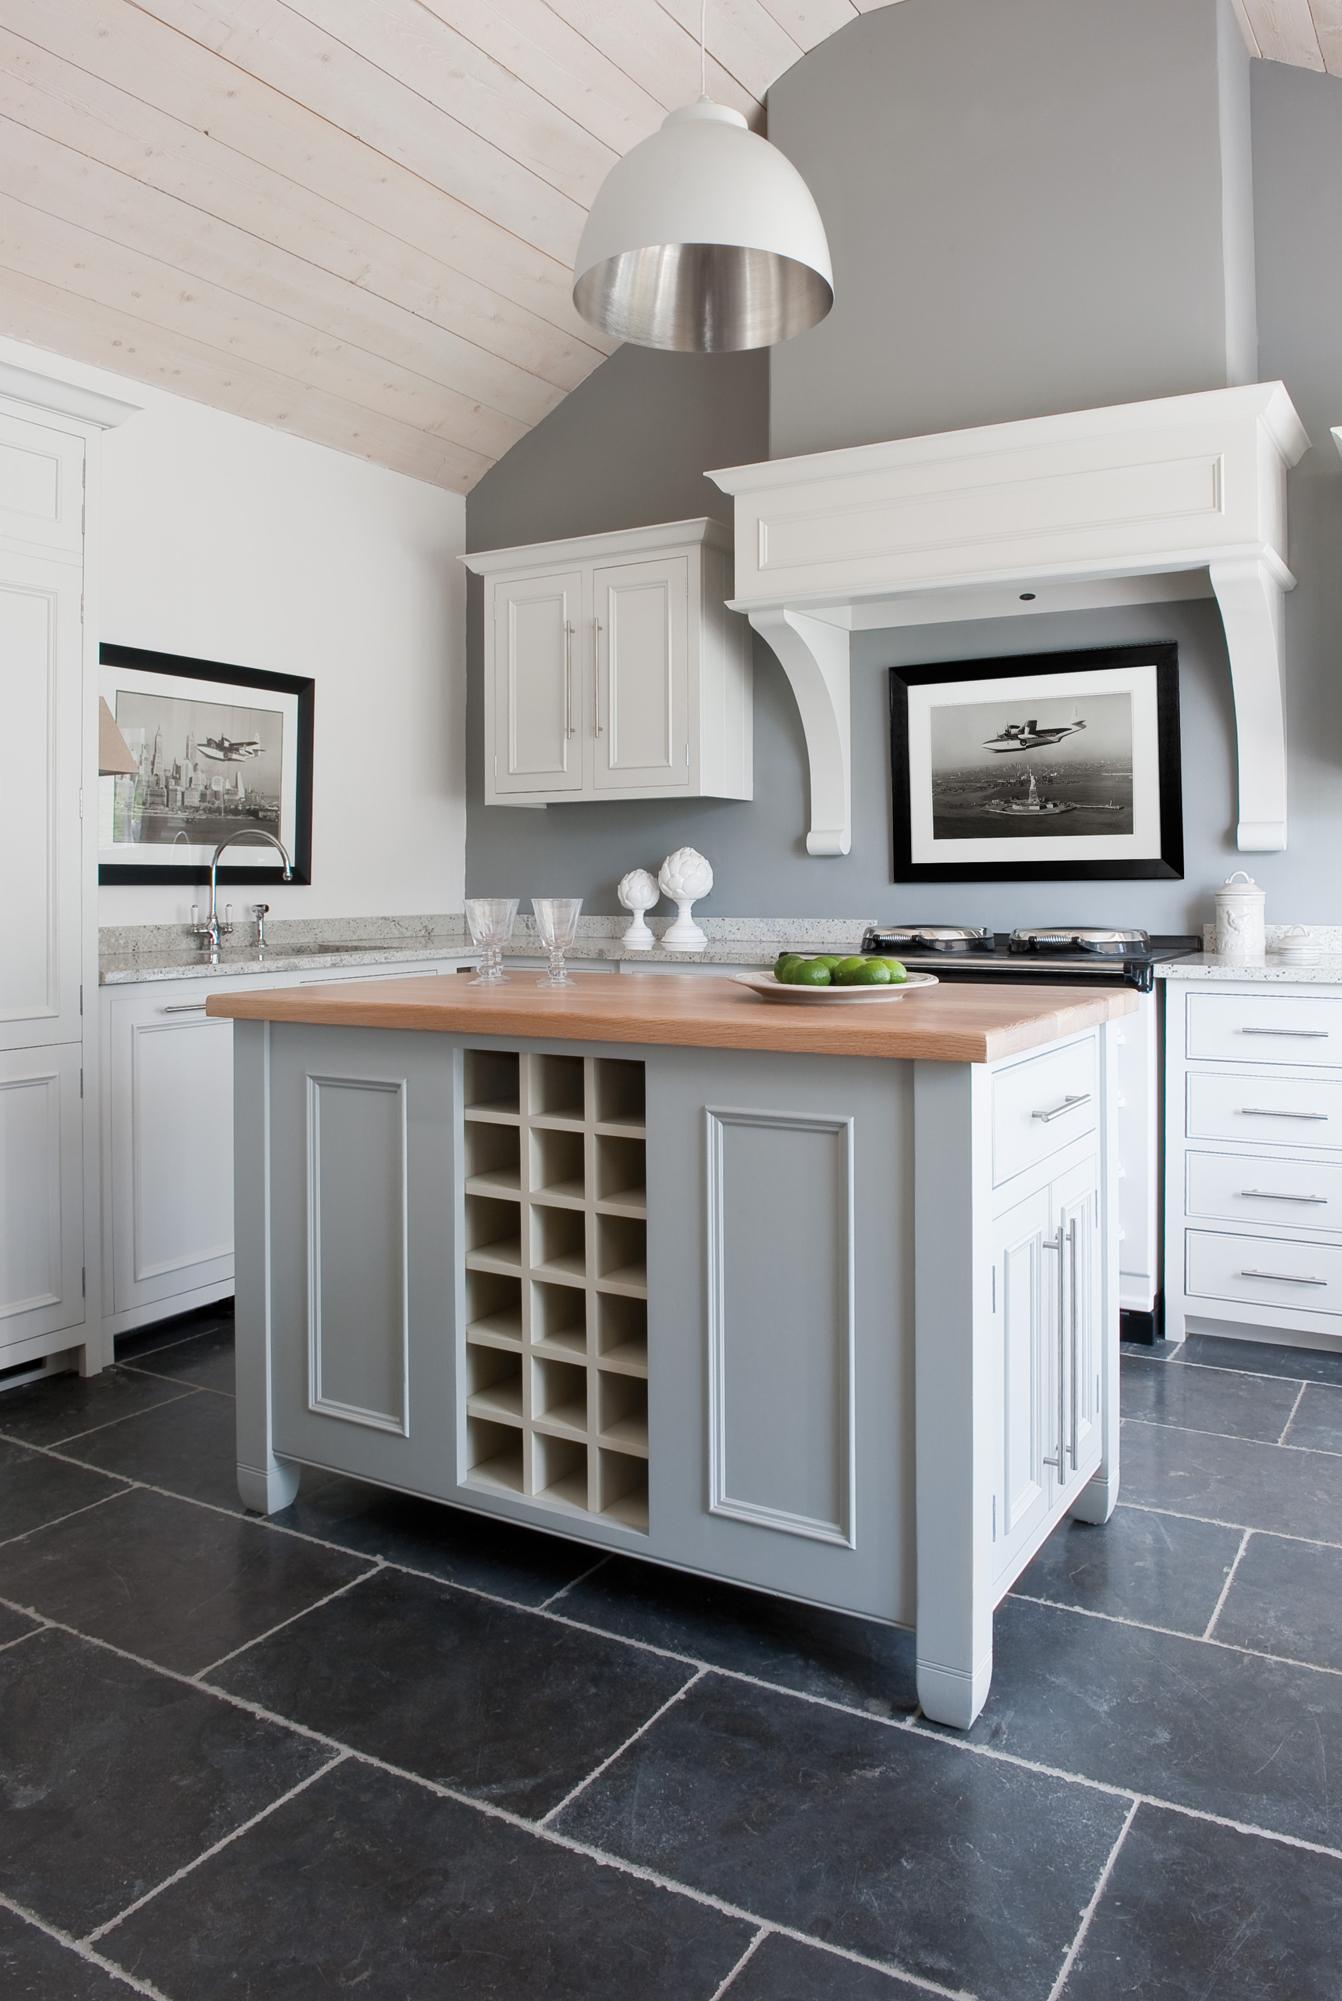 Küchenblock im Landhausstil #landhausstil #küchenblo... • COUCHstyle | {Küchenblock landhausstil 11}